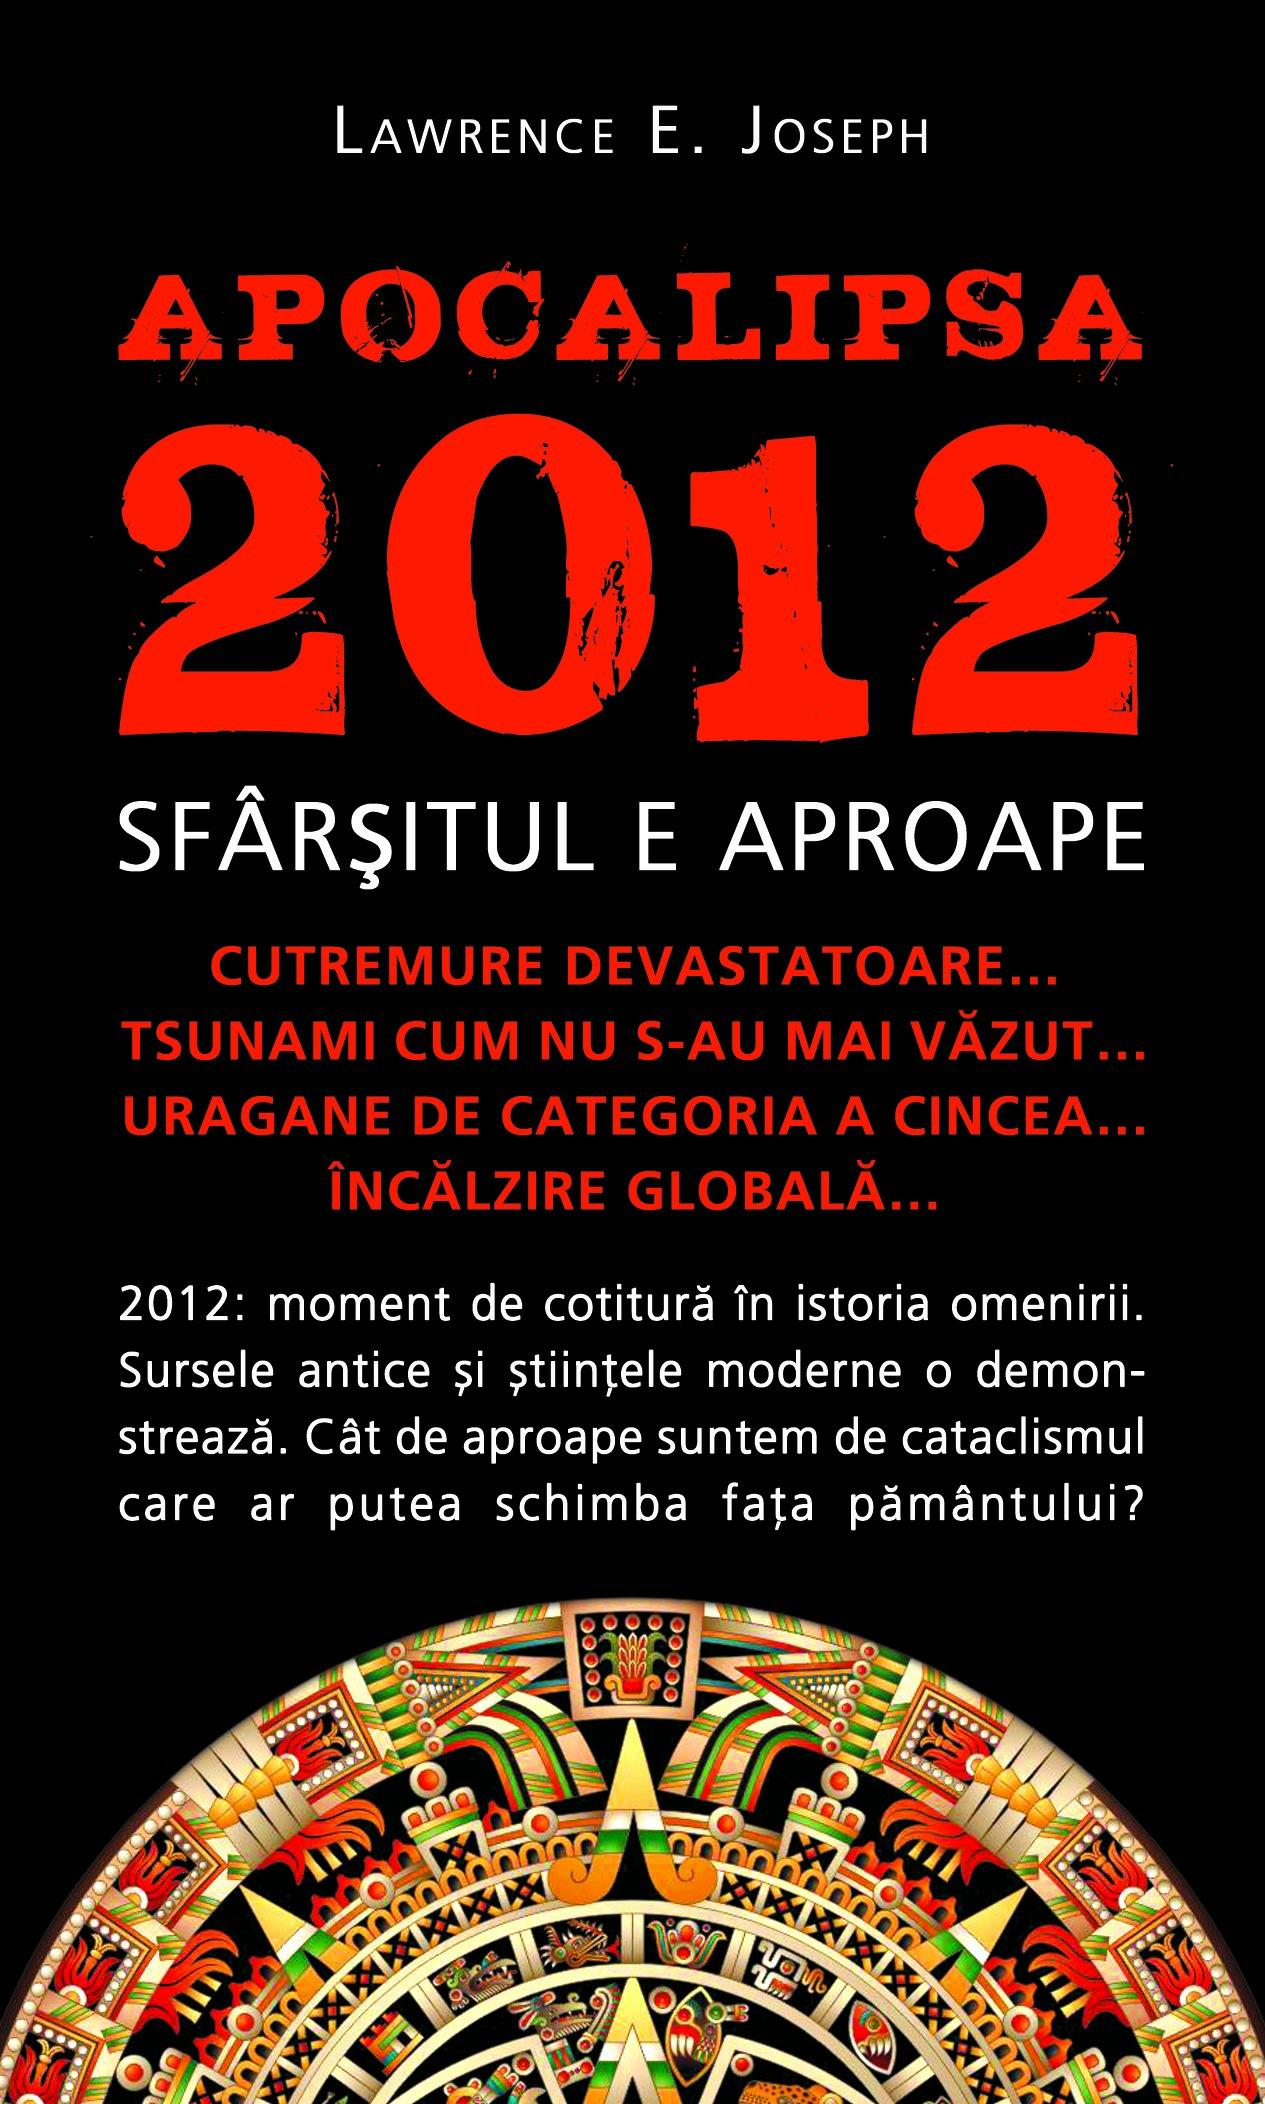 Guest post – Destinaţia: Apocalipsa 2012